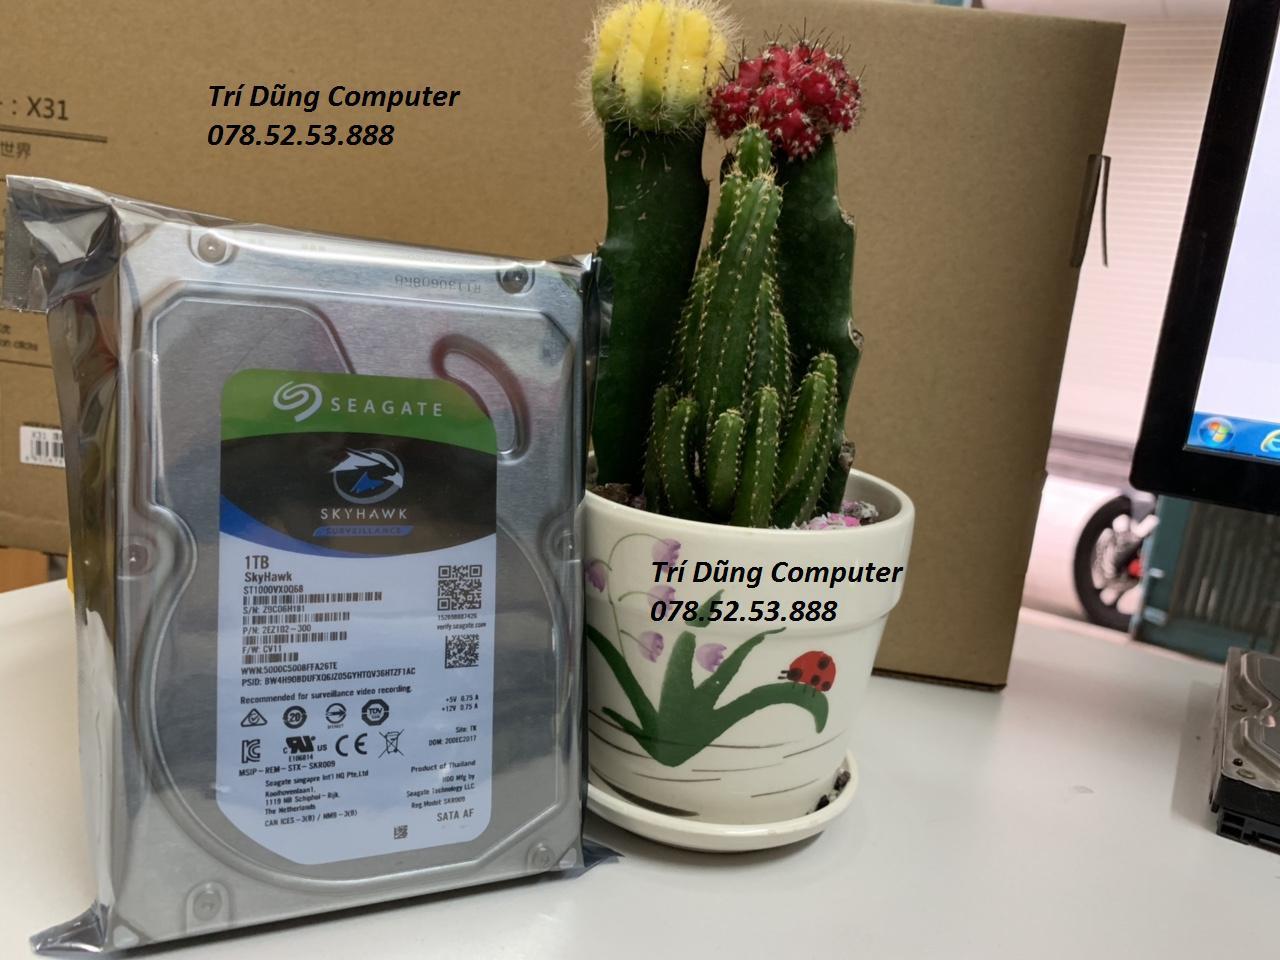 Ổ Cứng HDD 1TB ( 1000GB) Seagate  Máy Tính để Bàn, Bảo Hành 24 Tháng Lỗi 1 đổi 1 Khuyến Mại Hot